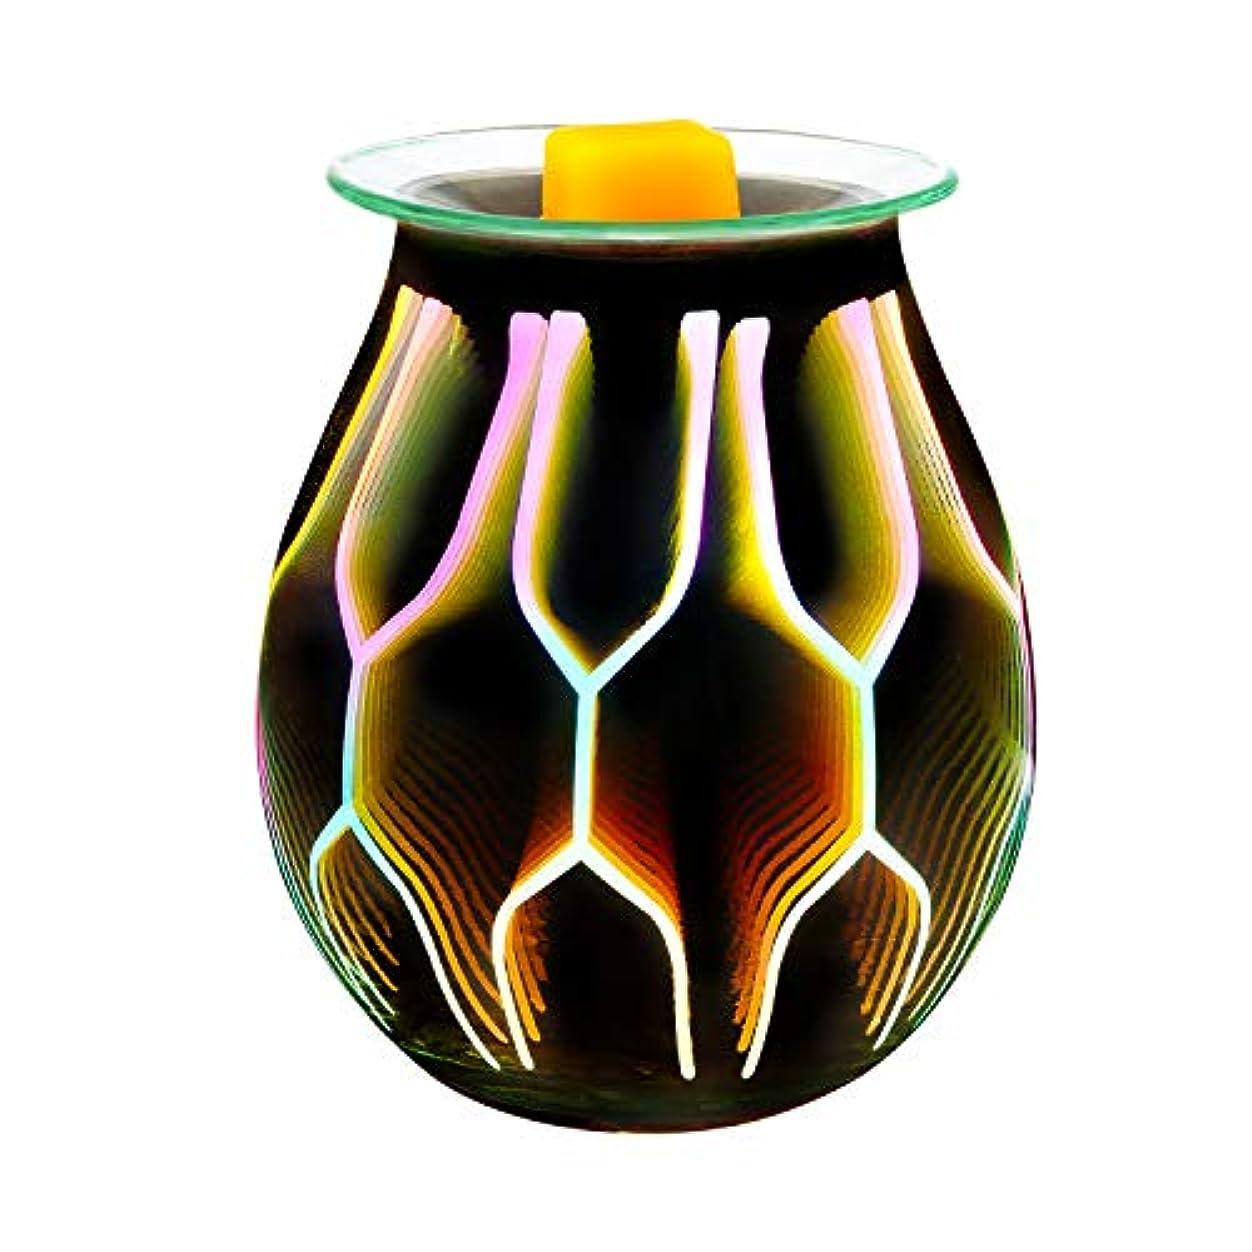 ご意見スラム街カプラーCOOSA Electric Oil Warmer、美しいガラスワックスTartスターバーストNight Burnerライトアロマ装飾ランプwith 3d効果ギフトの装飾、パーティー、